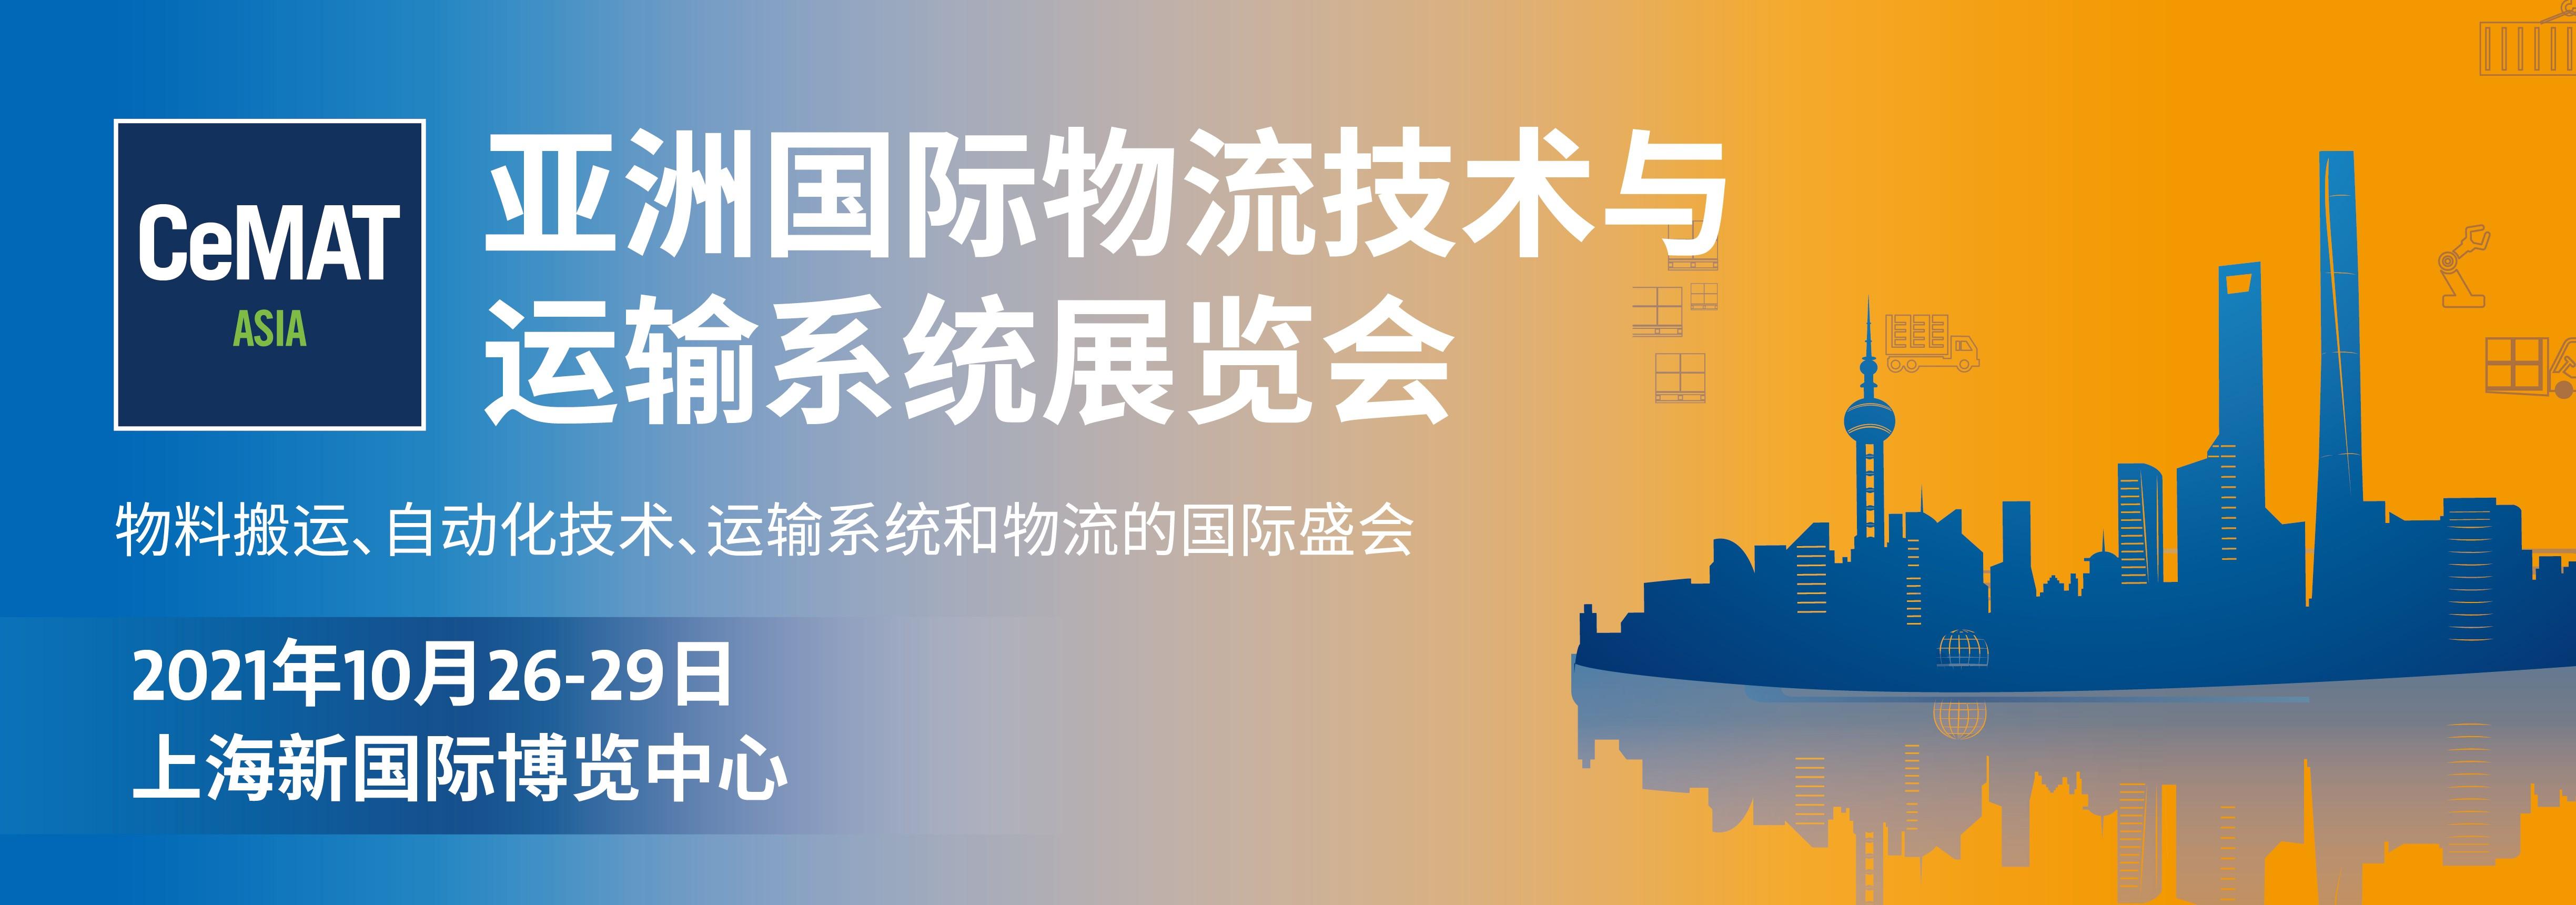 20cmt-banner2350-825-cn.en_画板 1 副本 6.jpg